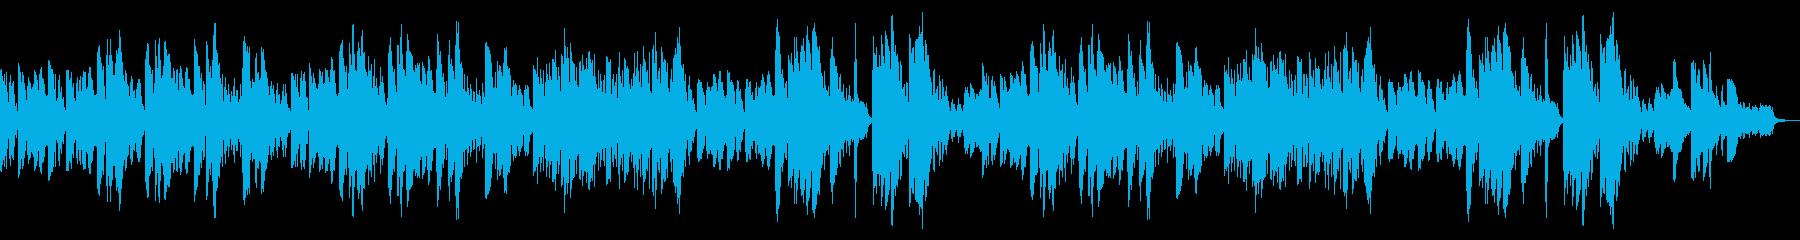 きよしこの夜 おしゃれで静かなrelaxの再生済みの波形